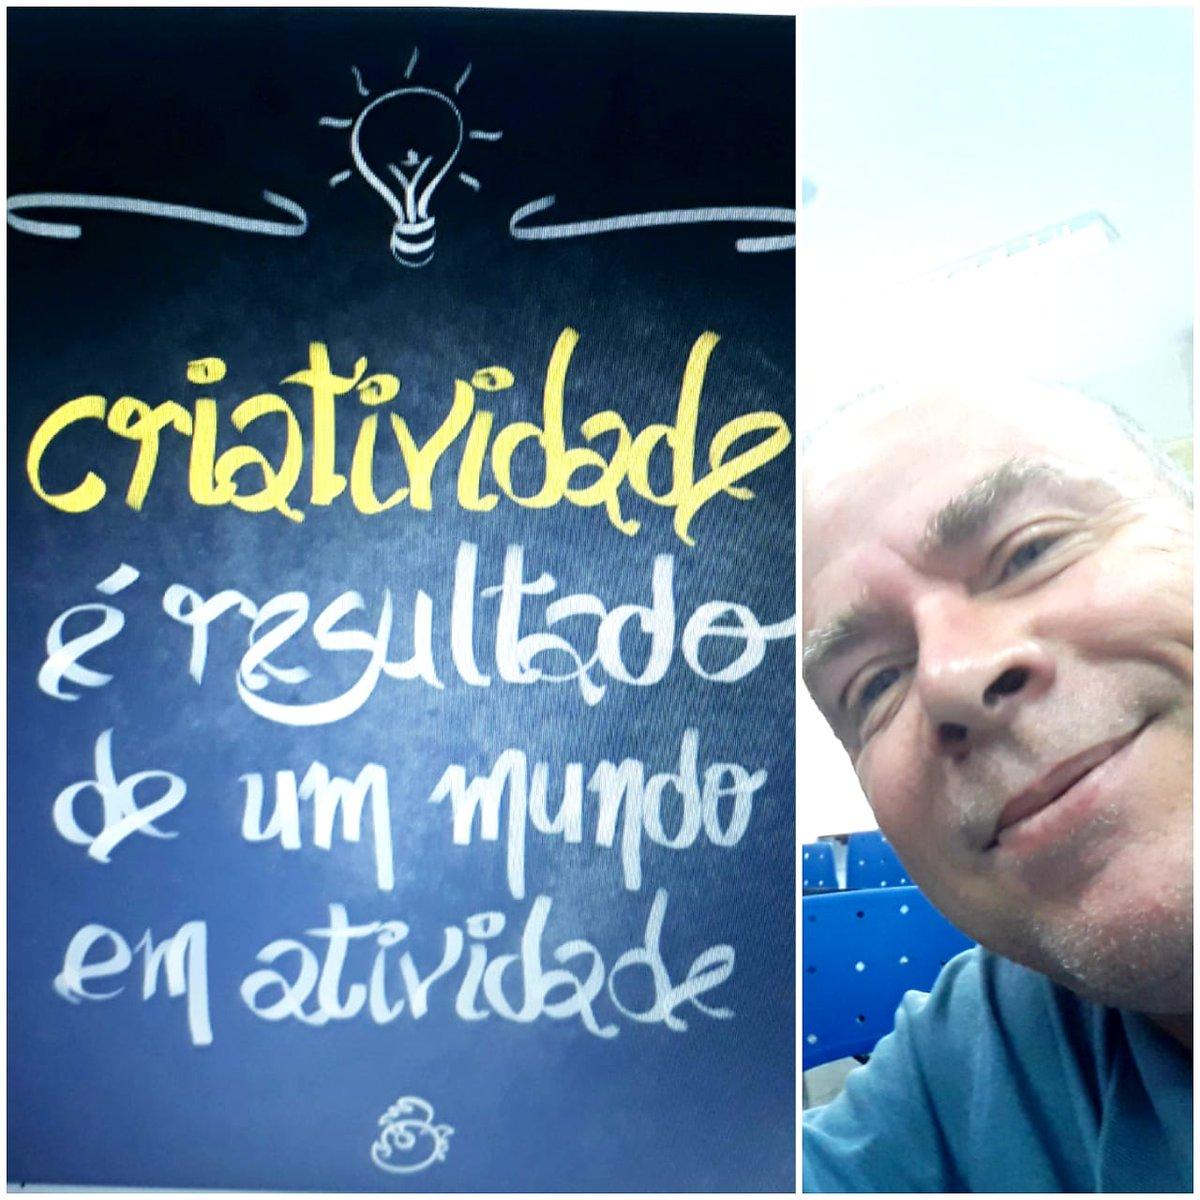 #MentoriaCriativa #SabLab #SabidoLab  #CTOMentoriaCriativa #Inovação #Robótica #CNC #GRBL #AutomaçãoIndustrial #IOt Venha prototipar com a gente.pic.twitter.com/AulsOJMour